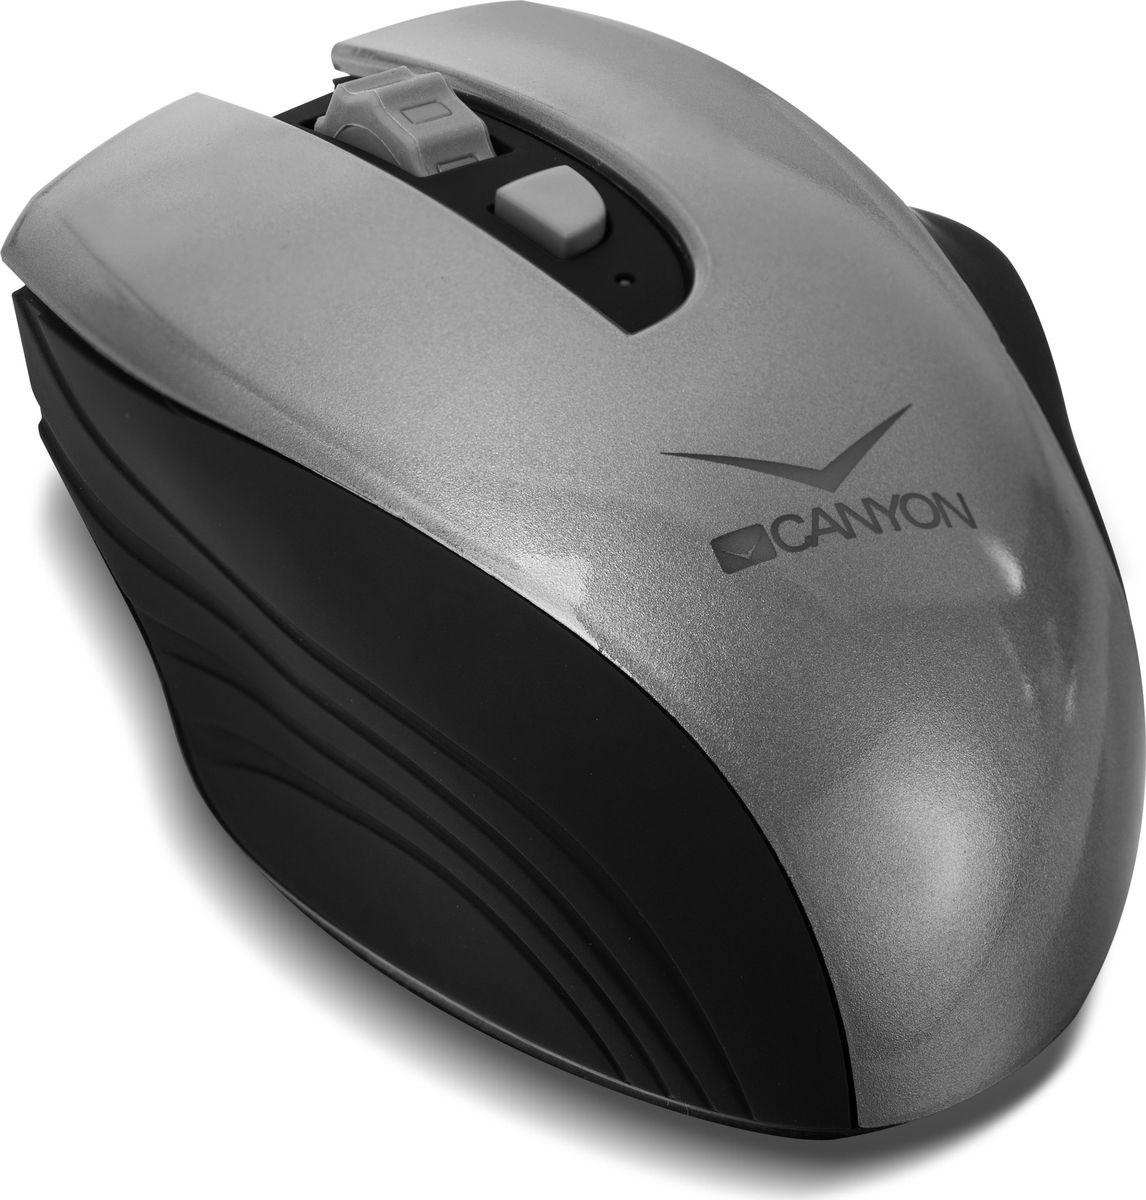 Canyon CNS-CMSW7G, Graphite мышь беспроводнаяCNS-CMSW7GЗабудьте о смене батареек – эта мышка в них не нуждается! Теперь работать с беспроводной мышью намного комфортнее и экономнее, ведь в любое время ее можно зарядить через USB-порт, либо от розетки. При этом заряда хватает на 2 недели работы. Мышь CNS-CMSW7 оснащена переключателем чувствительности датчика между 800, 1200 и 1600 DPI, что весьма облегчает работу на большом экране, либо на двух мониторах. Форма мыши имеет идеальную эргономику и создана для максимально удобного захвата в правой руке. В комплекте – микро USB-приемник для зарядки и подключения к компьютеру.